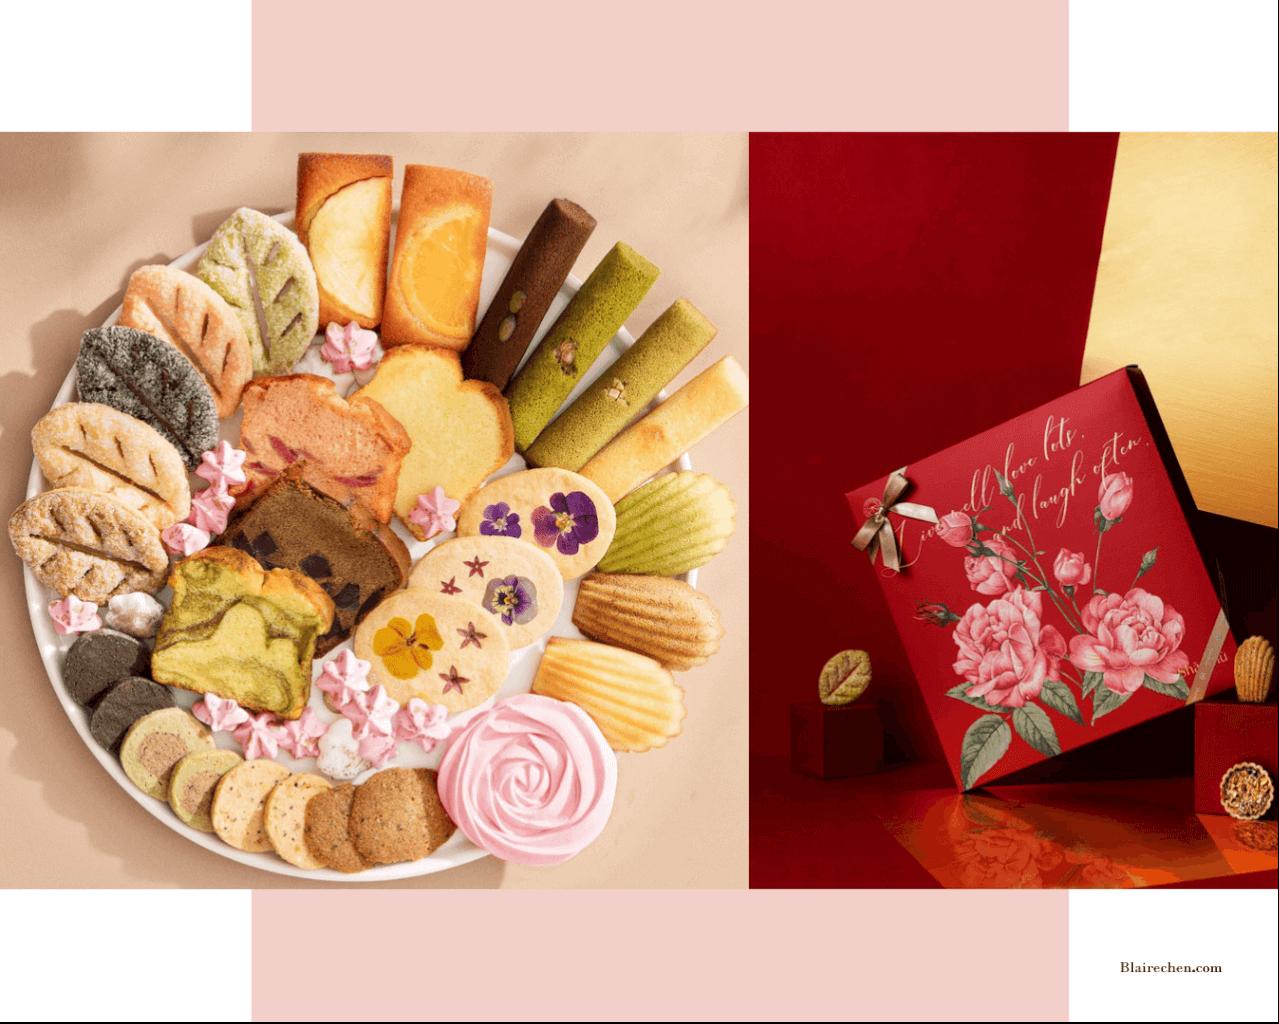 【手工喜餅推薦】|挑選喜餅新人必看!顛覆你對傳統喜餅的印象!讓你知道結婚幸福感是什麼!